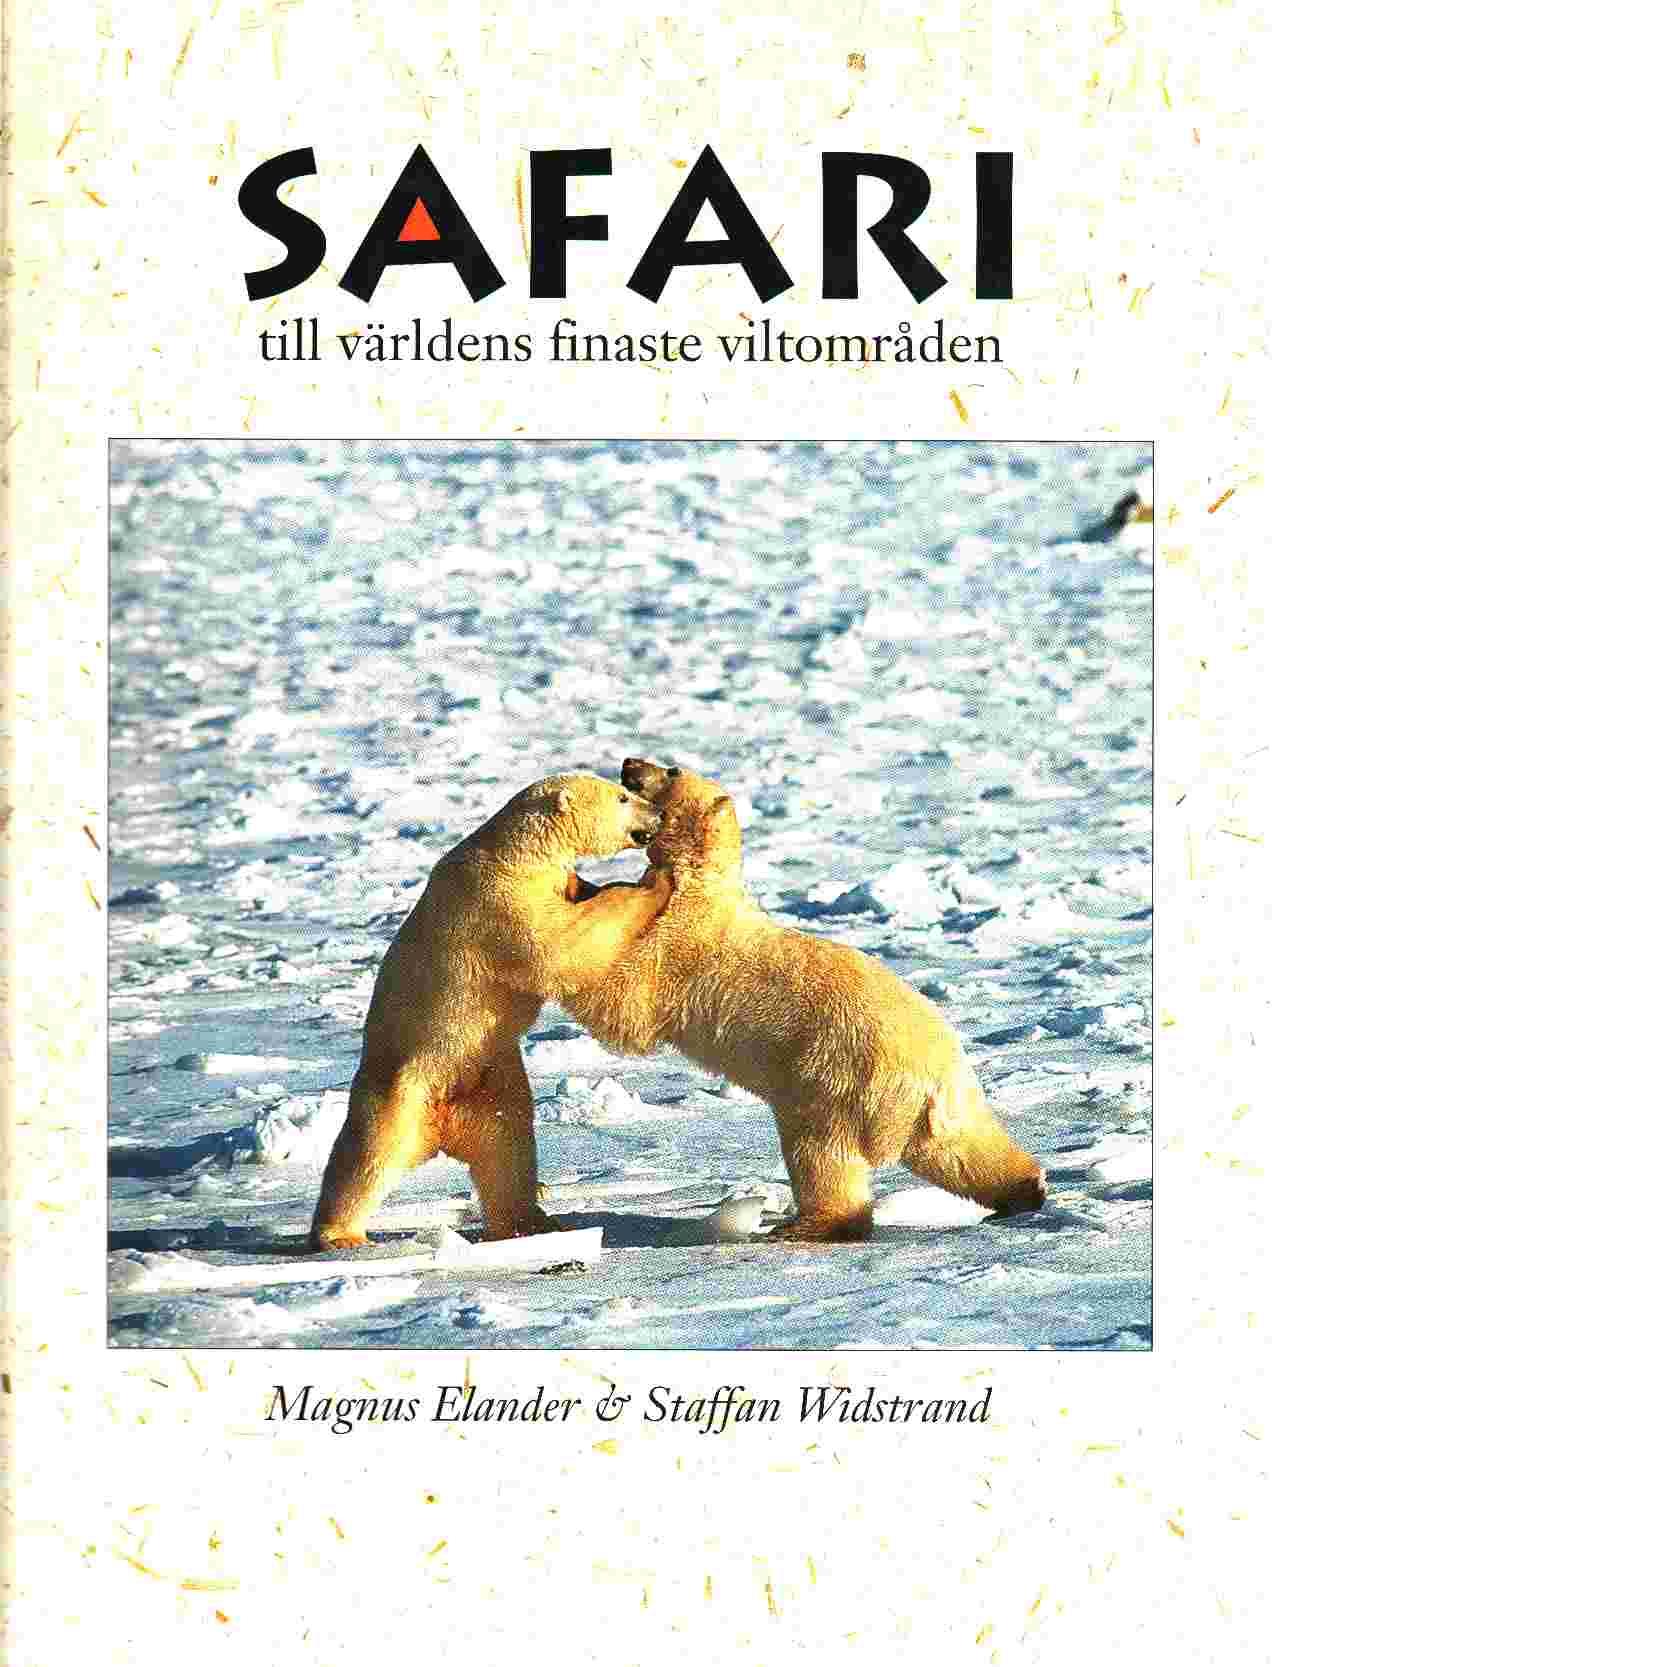 Safari till världens finaste viltområden - Elander, Magnus  och  Widstrand, Staffan,